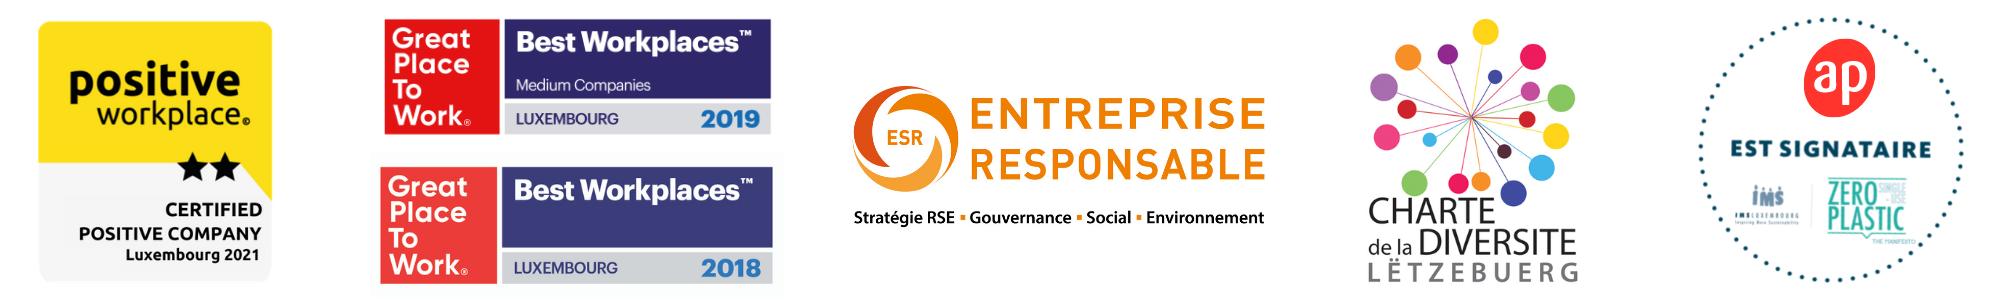 logo-rse-a-propos